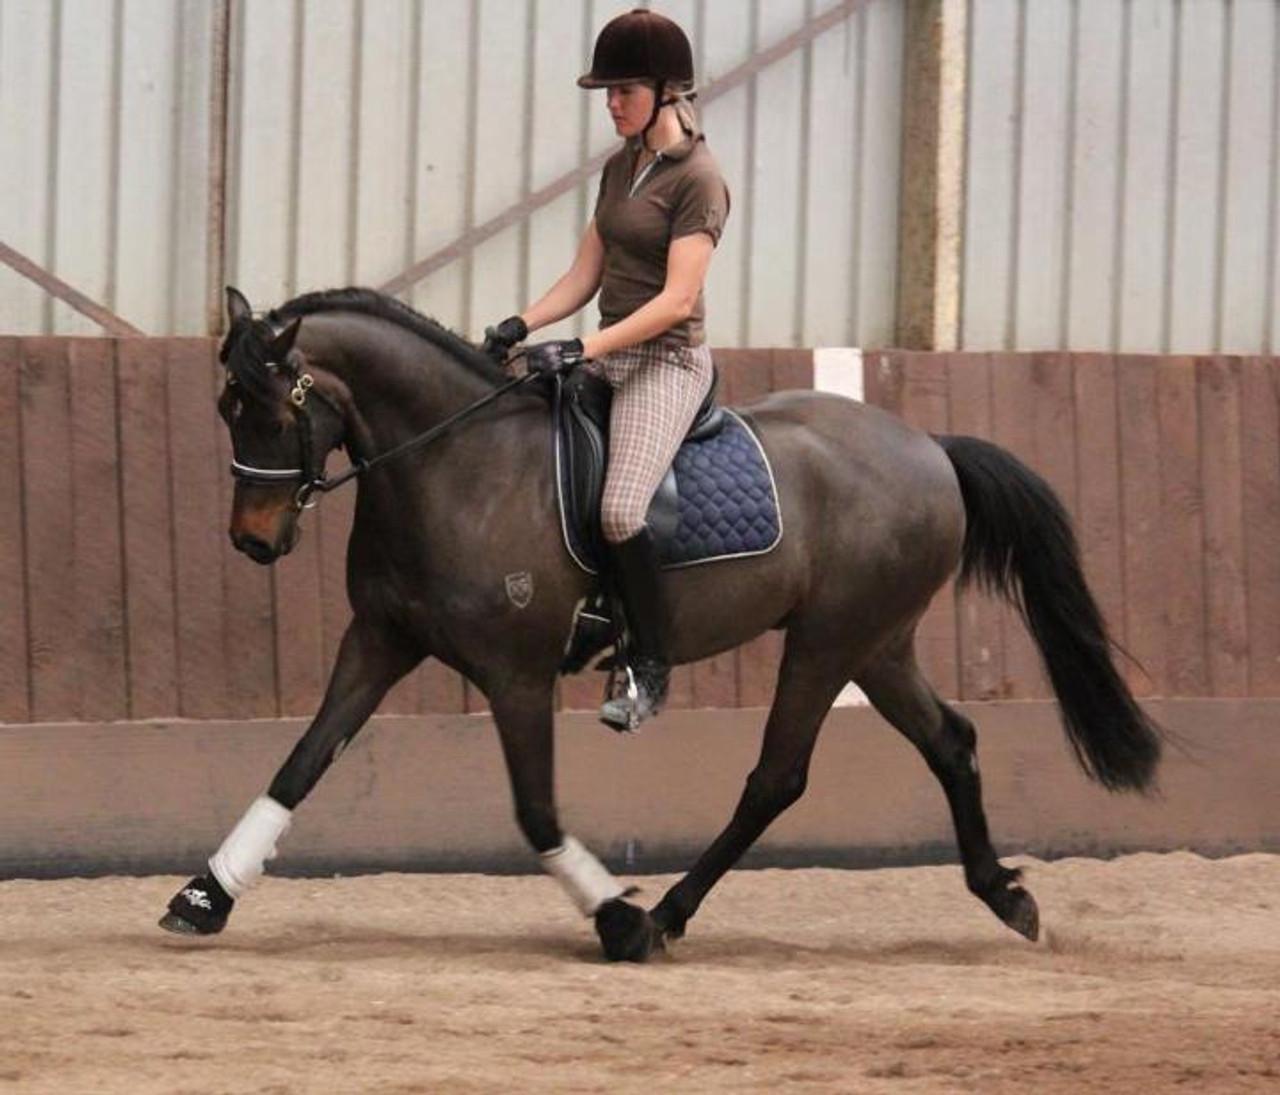 Gruener Saddle Blankets